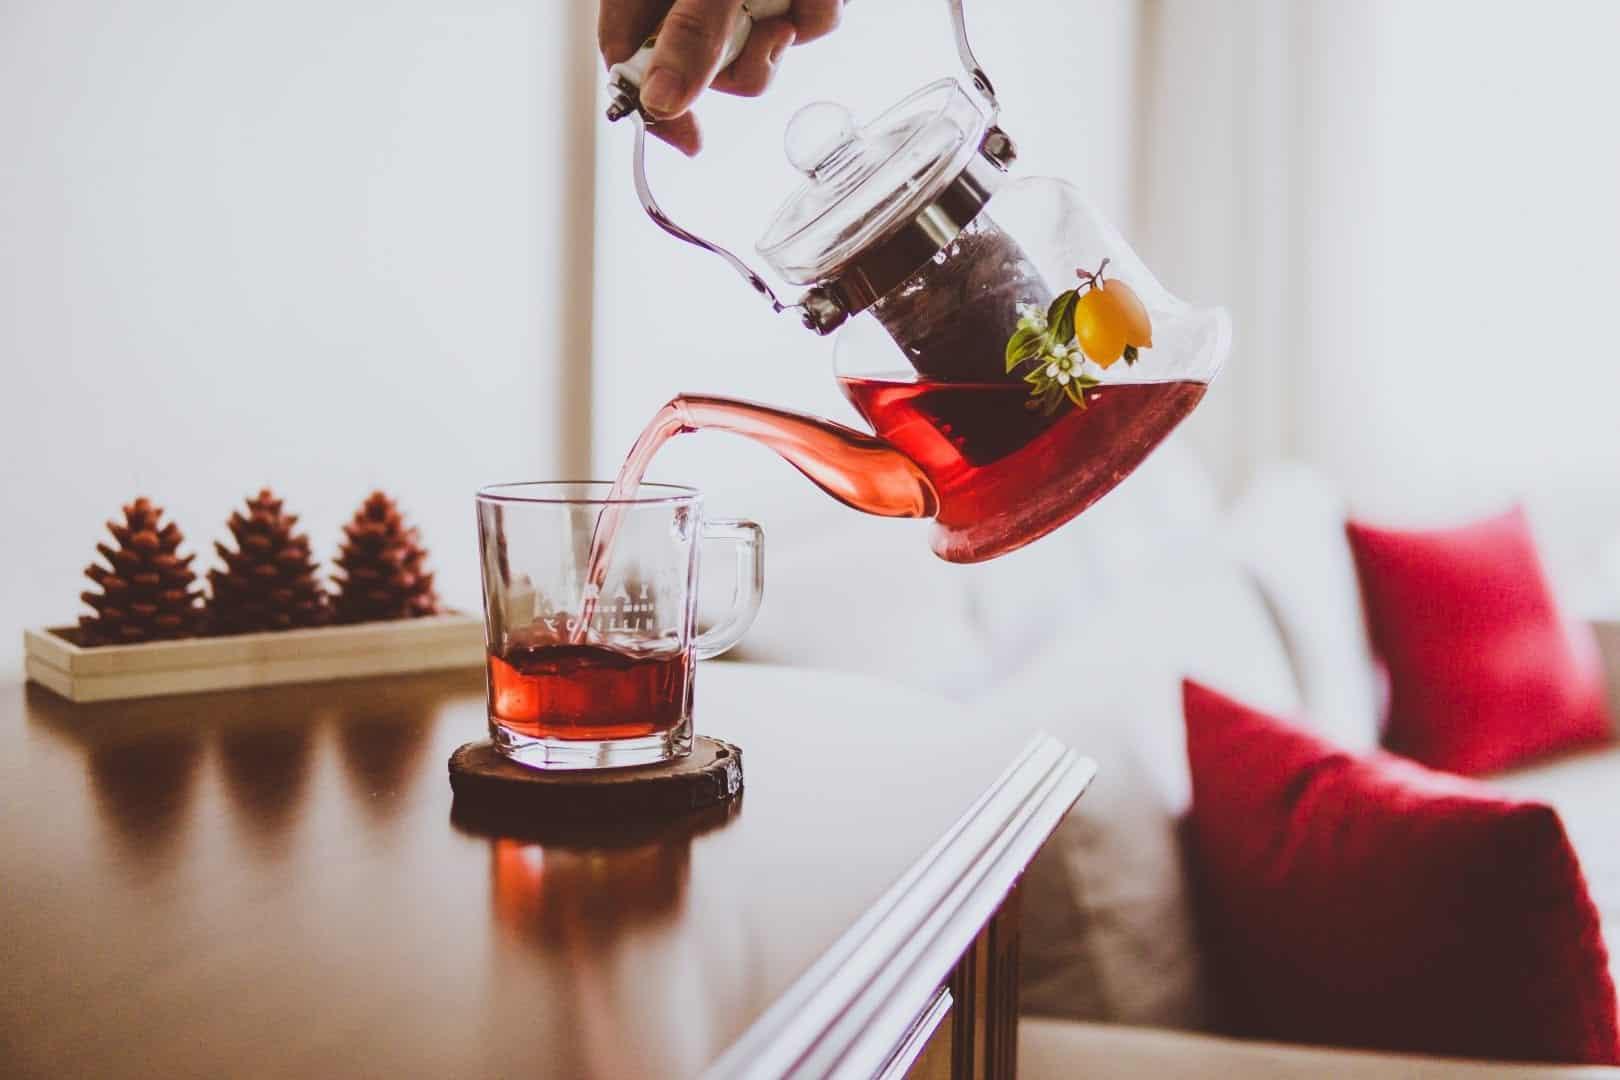 Chá de hibisco - Benefícios, contraindicações e dieta